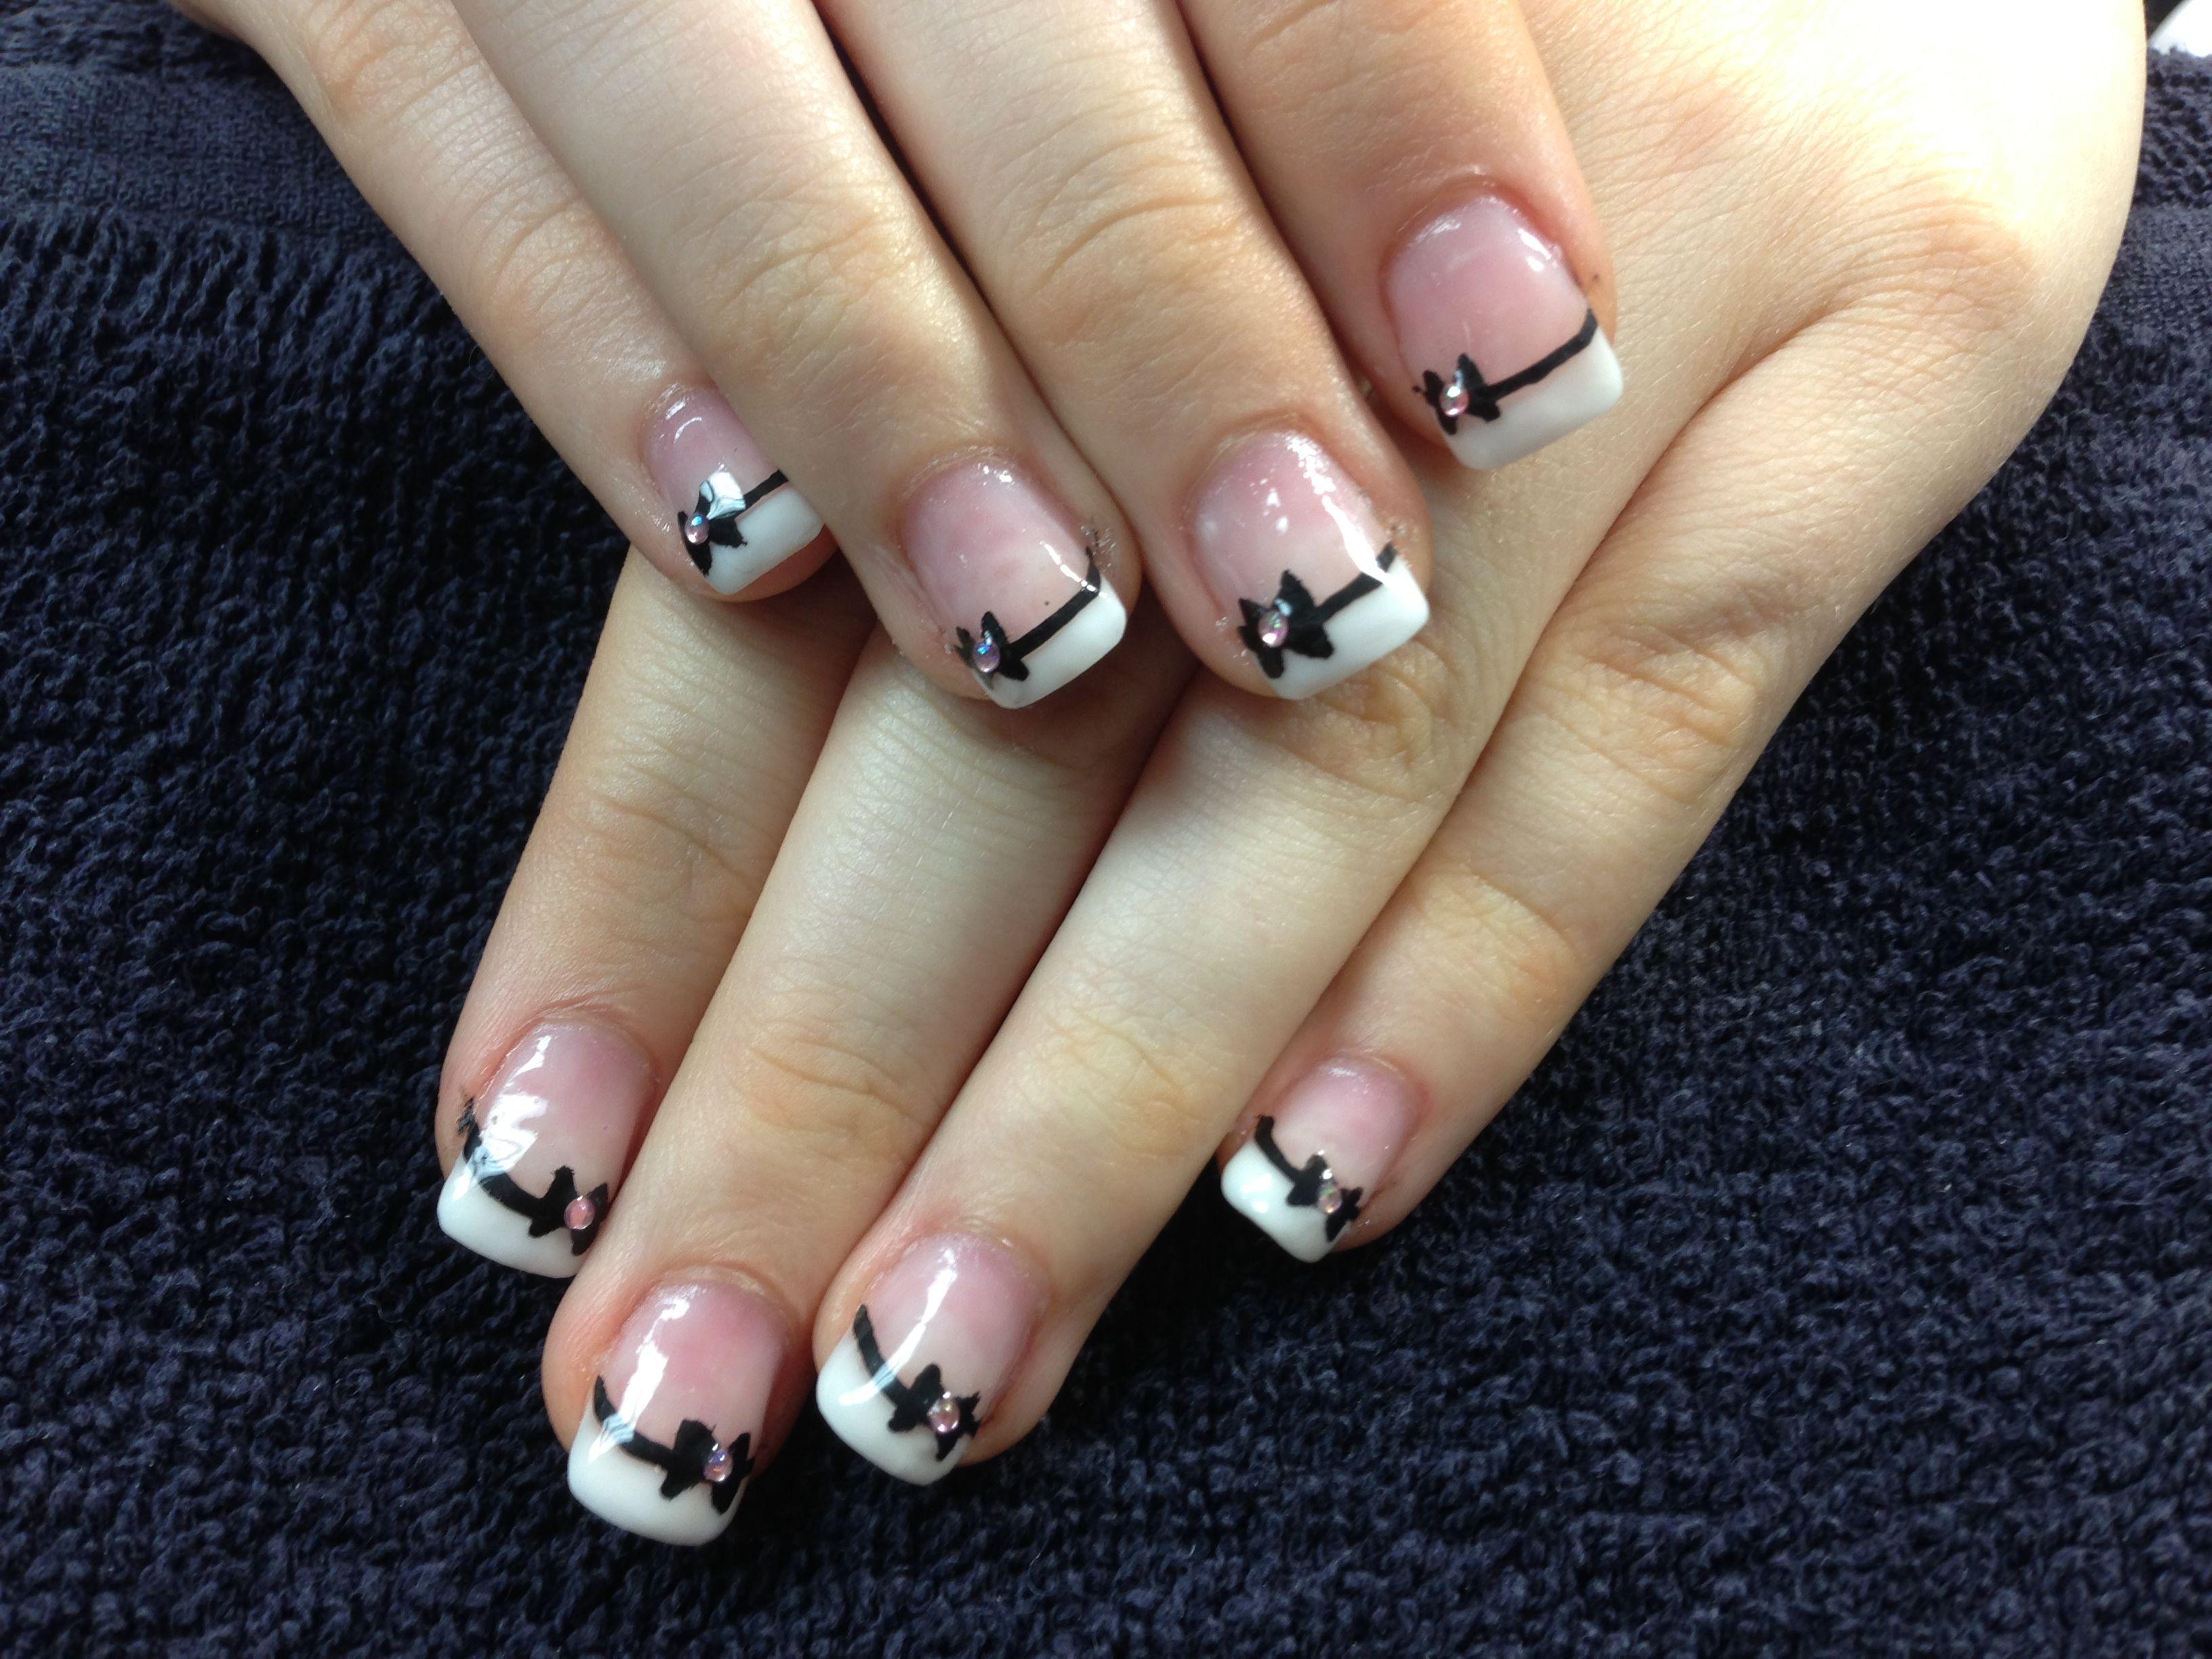 Kiaras nails bow tie gel nail art nails pinterest gel kiaras nails bow tie gel nail art prinsesfo Choice Image